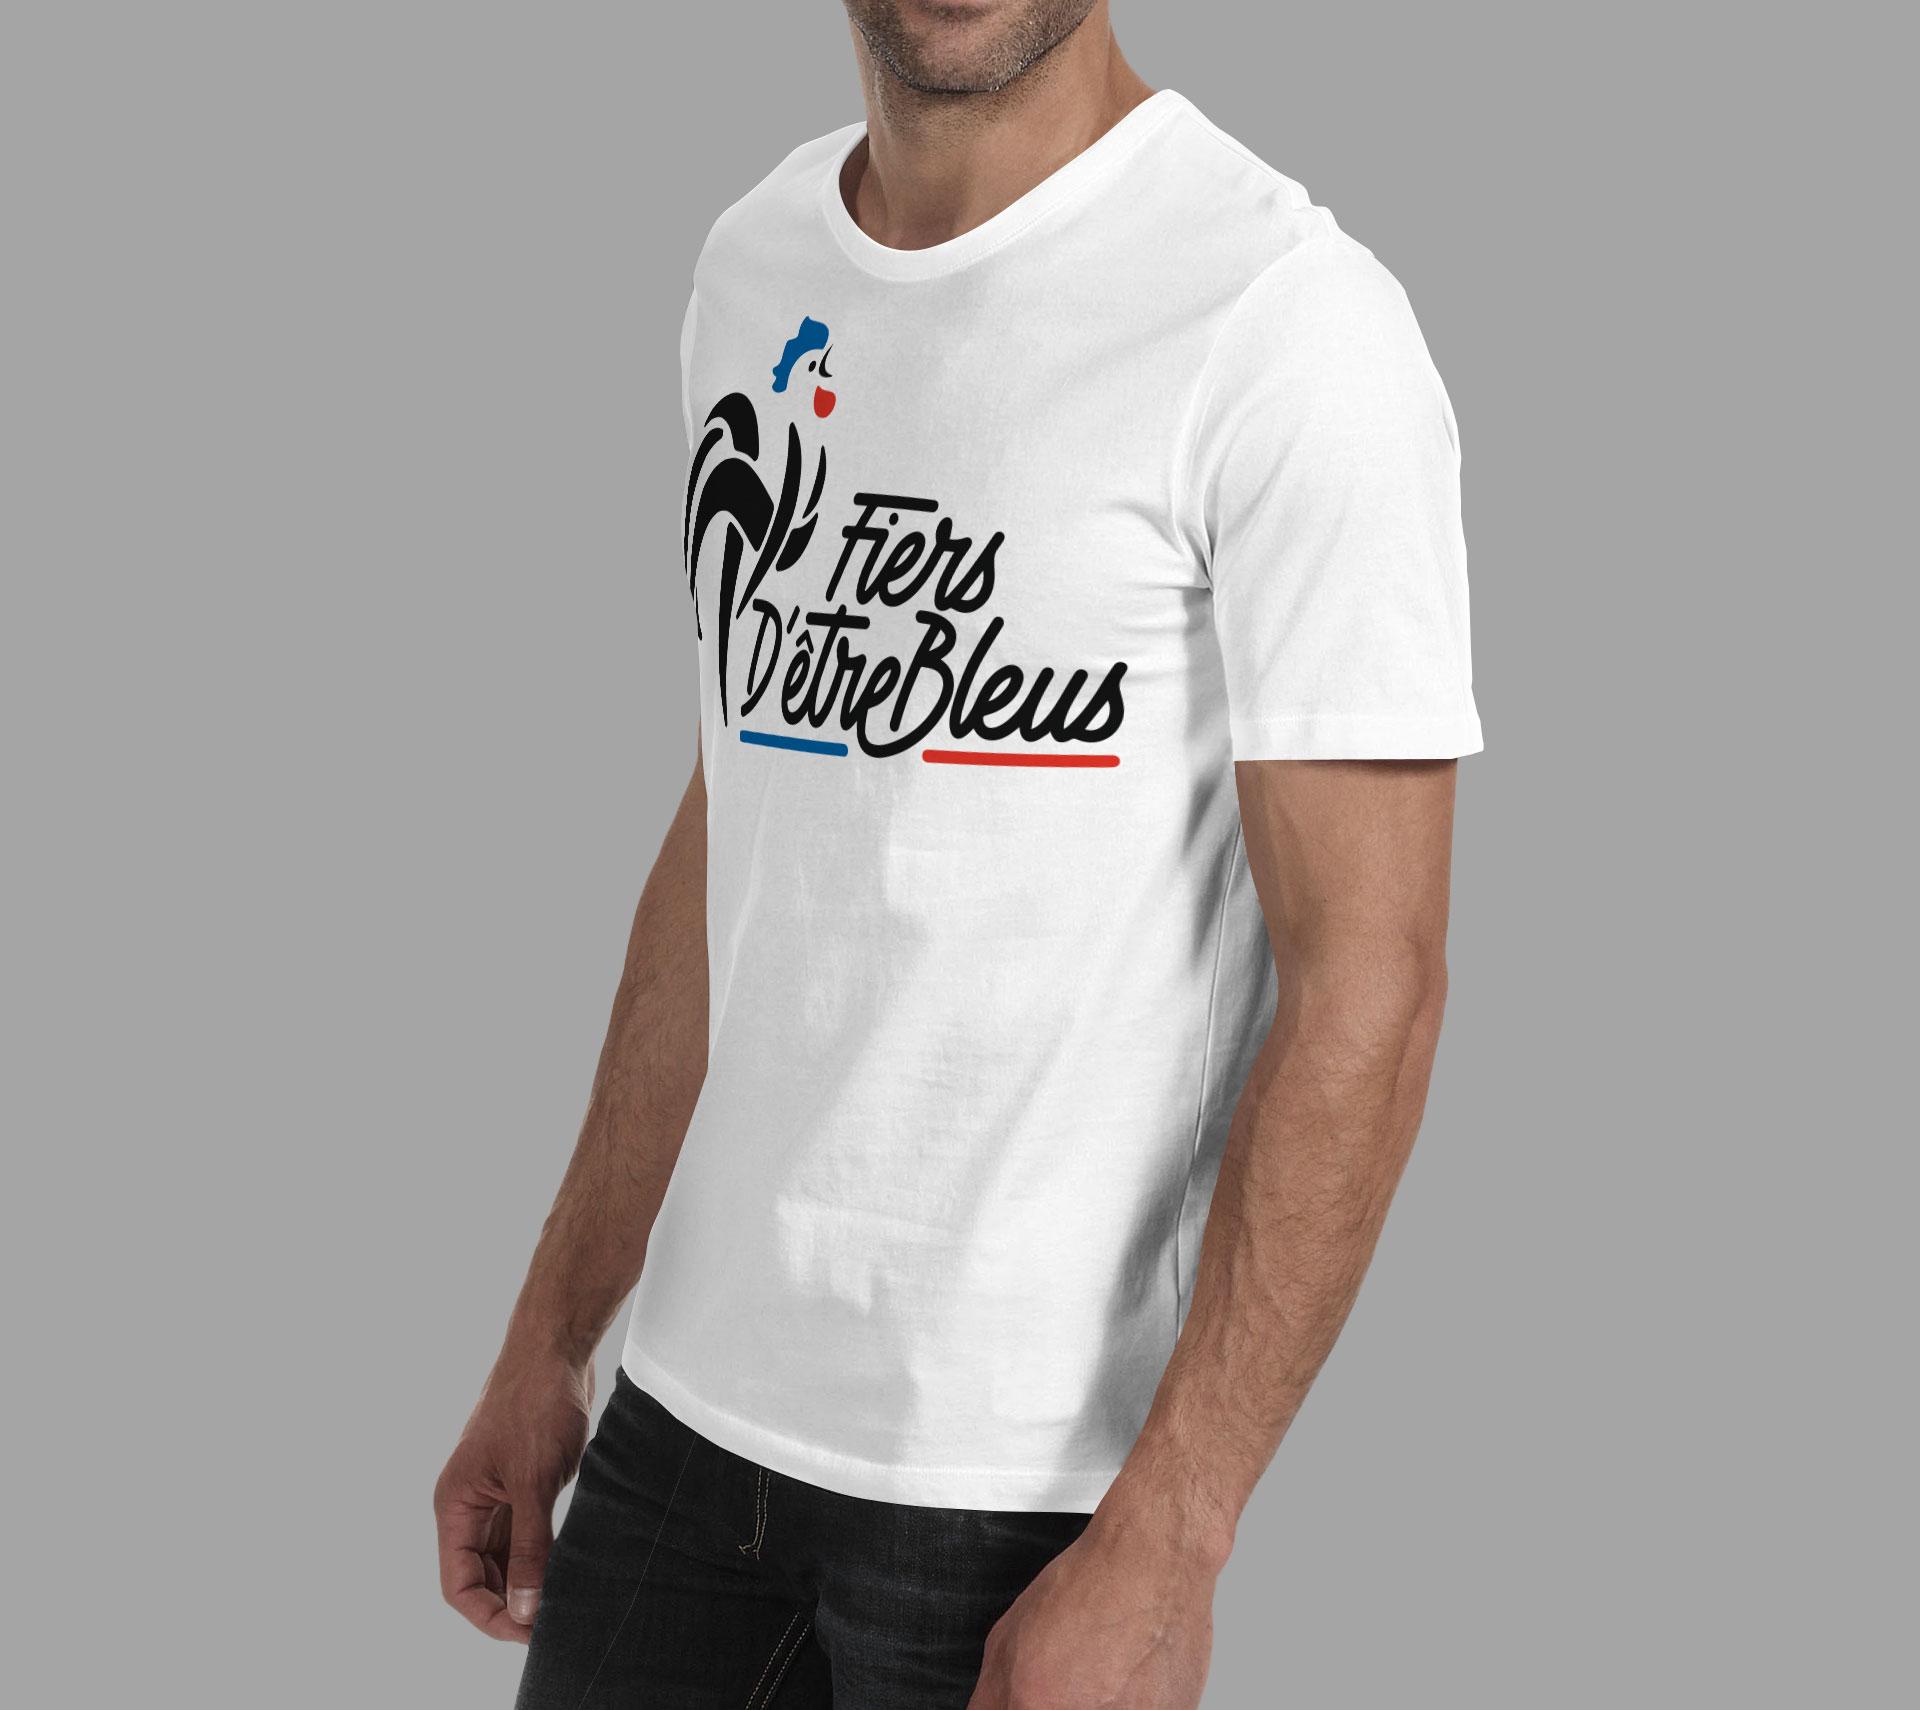 ARKOCOM marqage textile-polo-tshirt